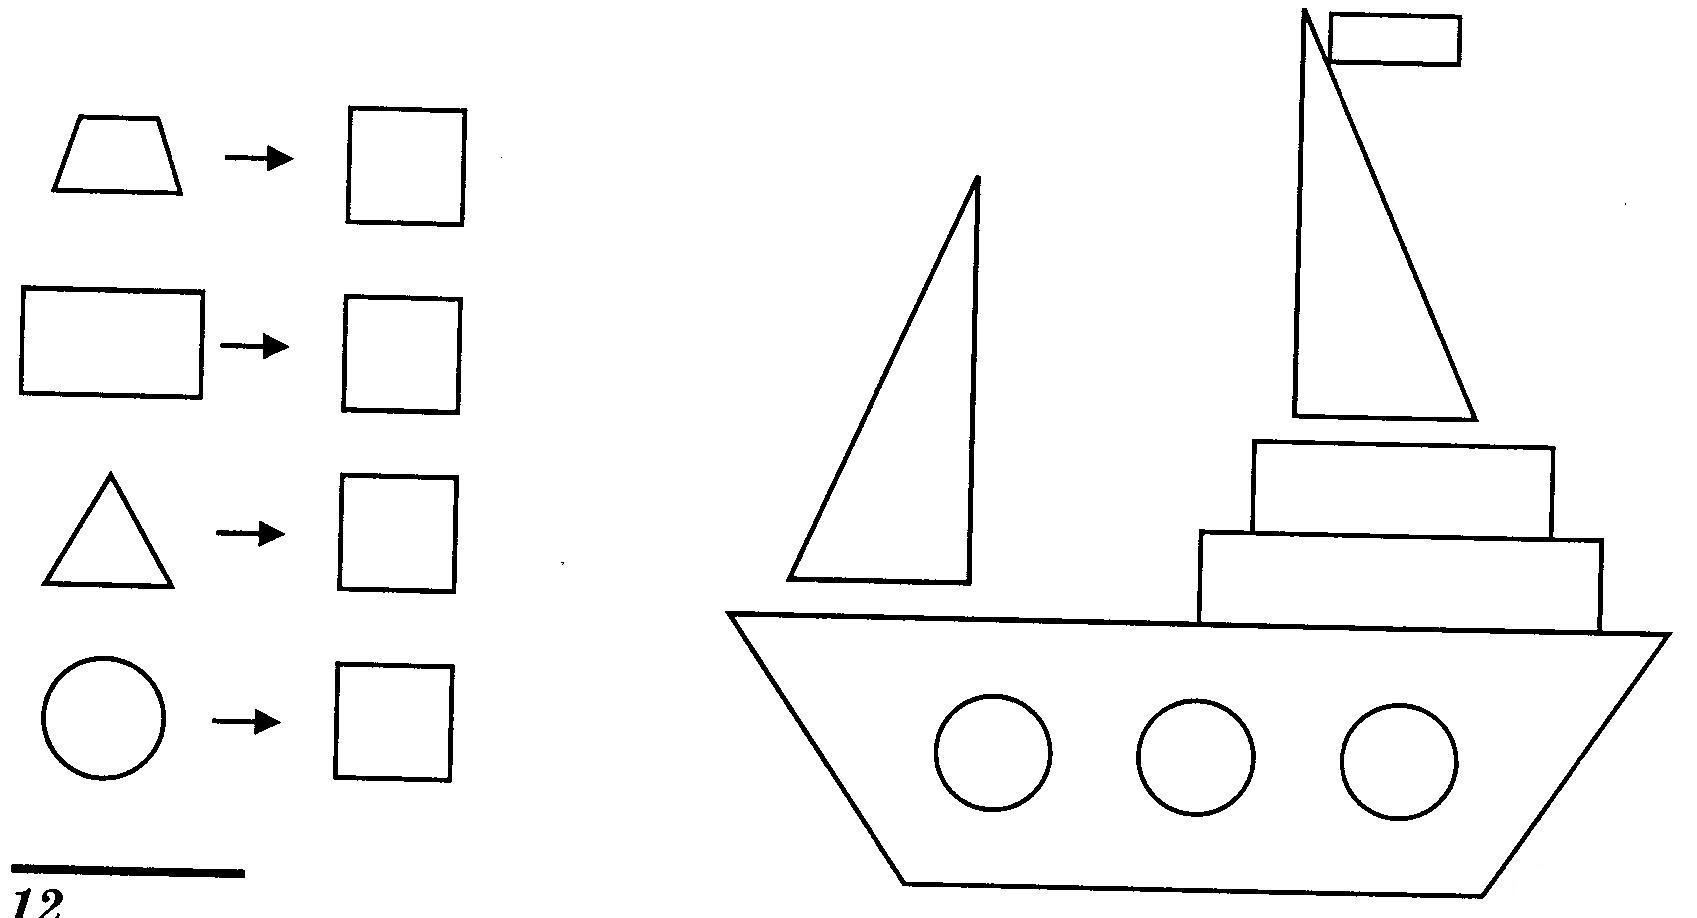 Раскраски раскрась геометрические фигуры корабль из геометрических фигур трапеция прямоугольник треугольник круг